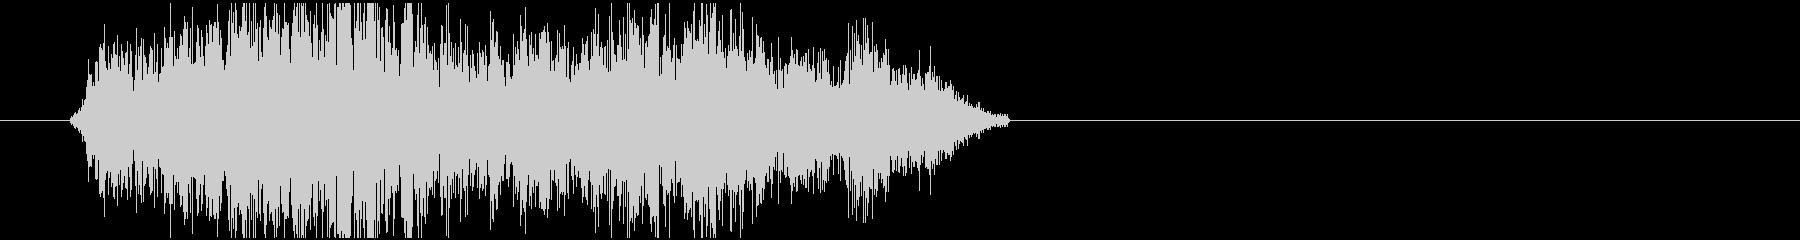 ヴューン(ビーム砲)1の未再生の波形